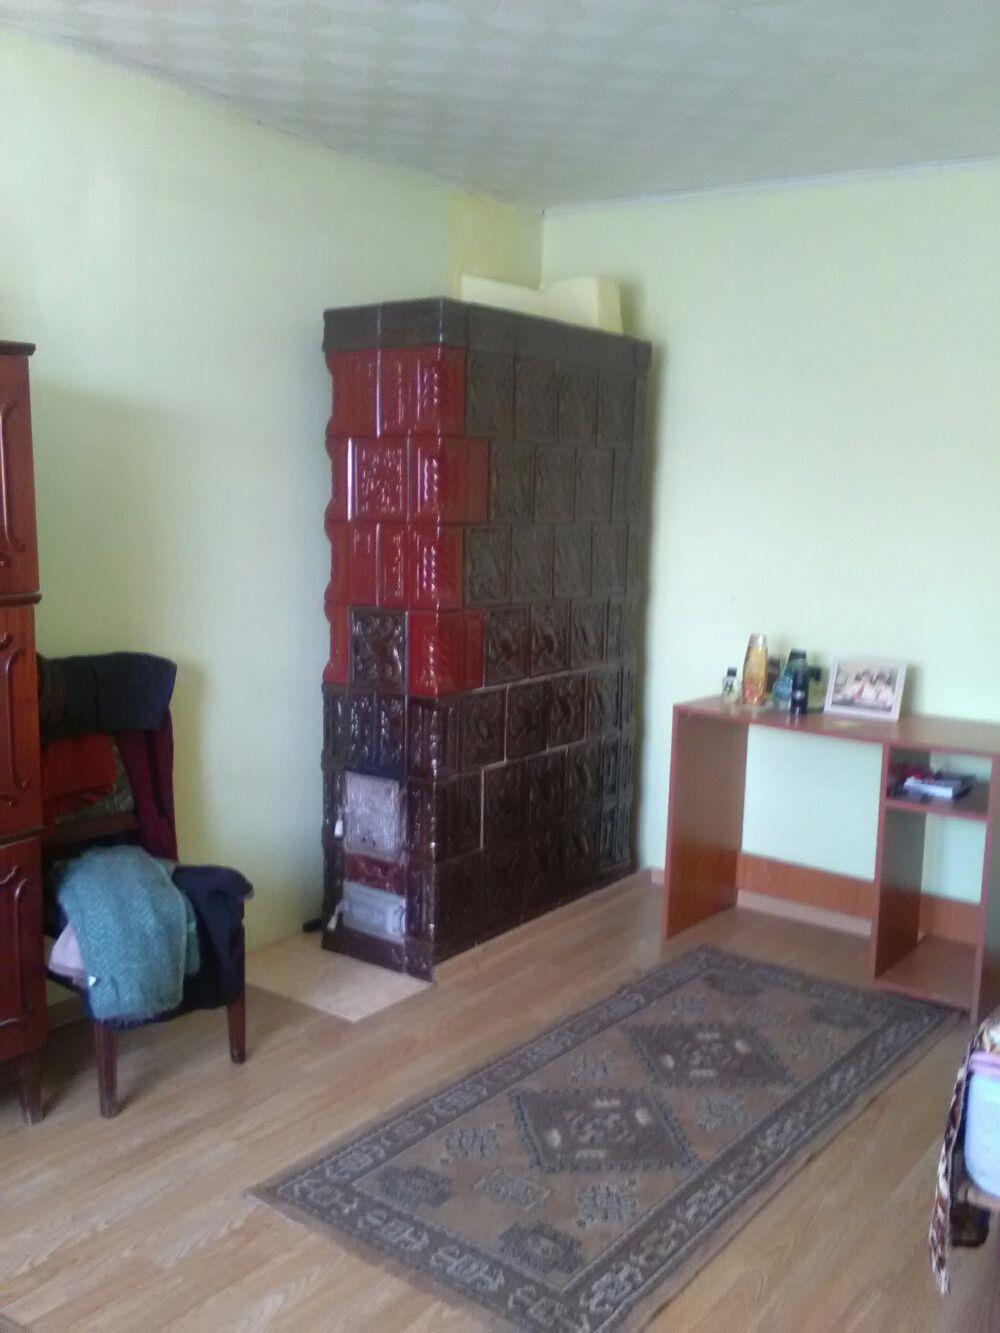 Vând casă în comuna Bujoru jud Teleorman - imagine 9